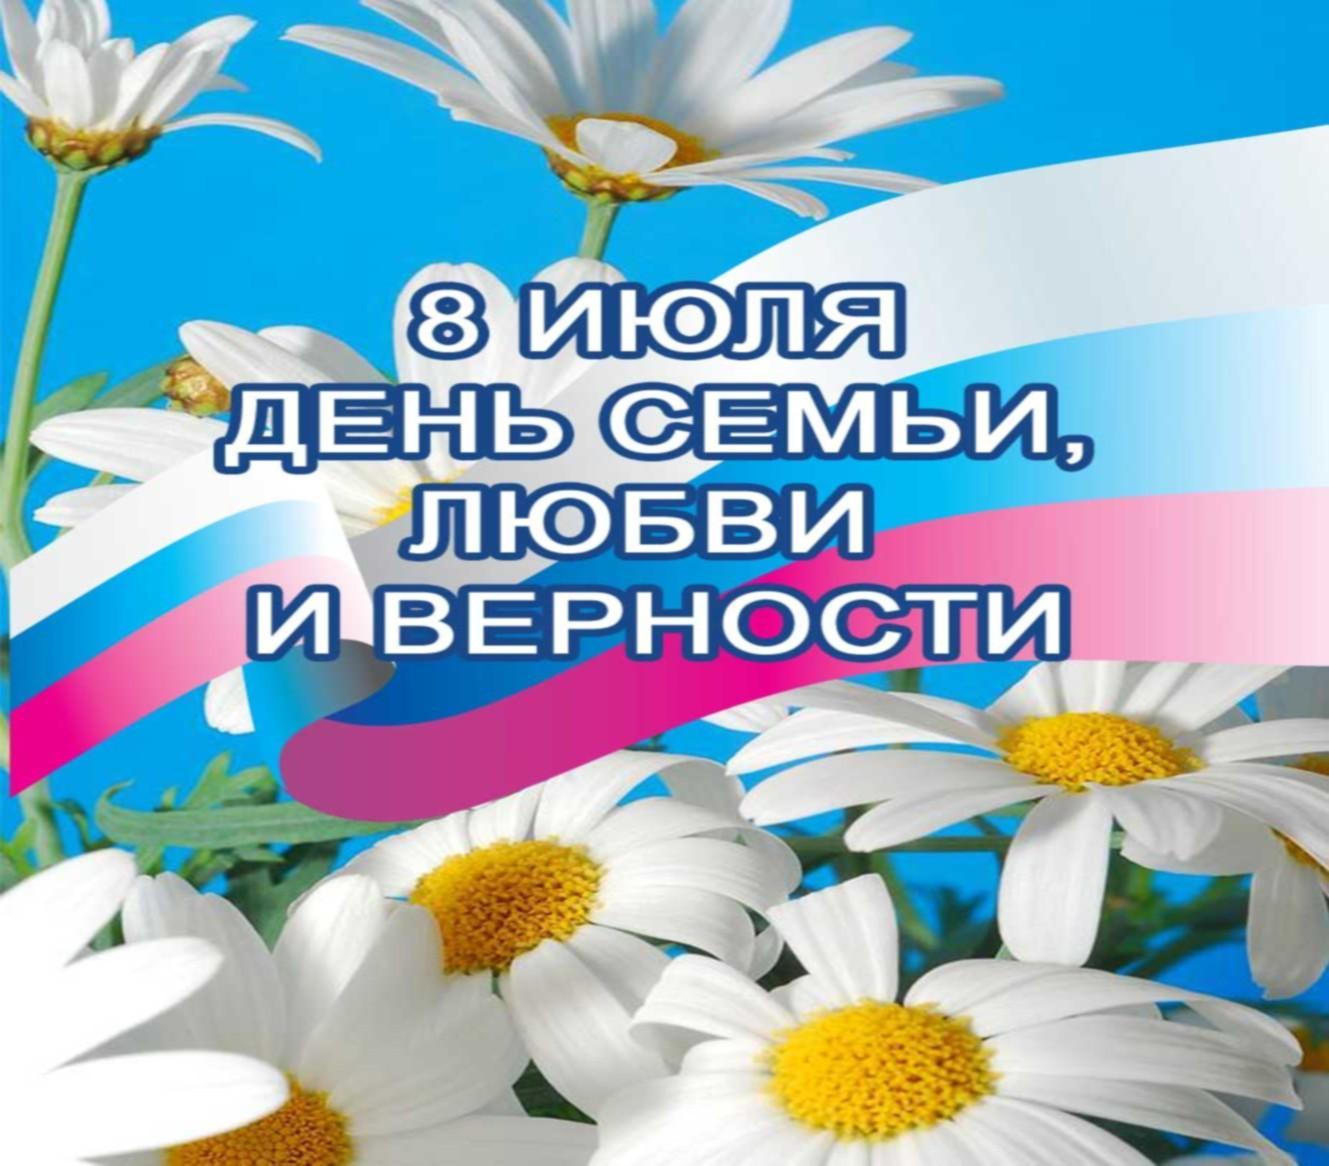 картинки к всероссийским праздниками рецепт